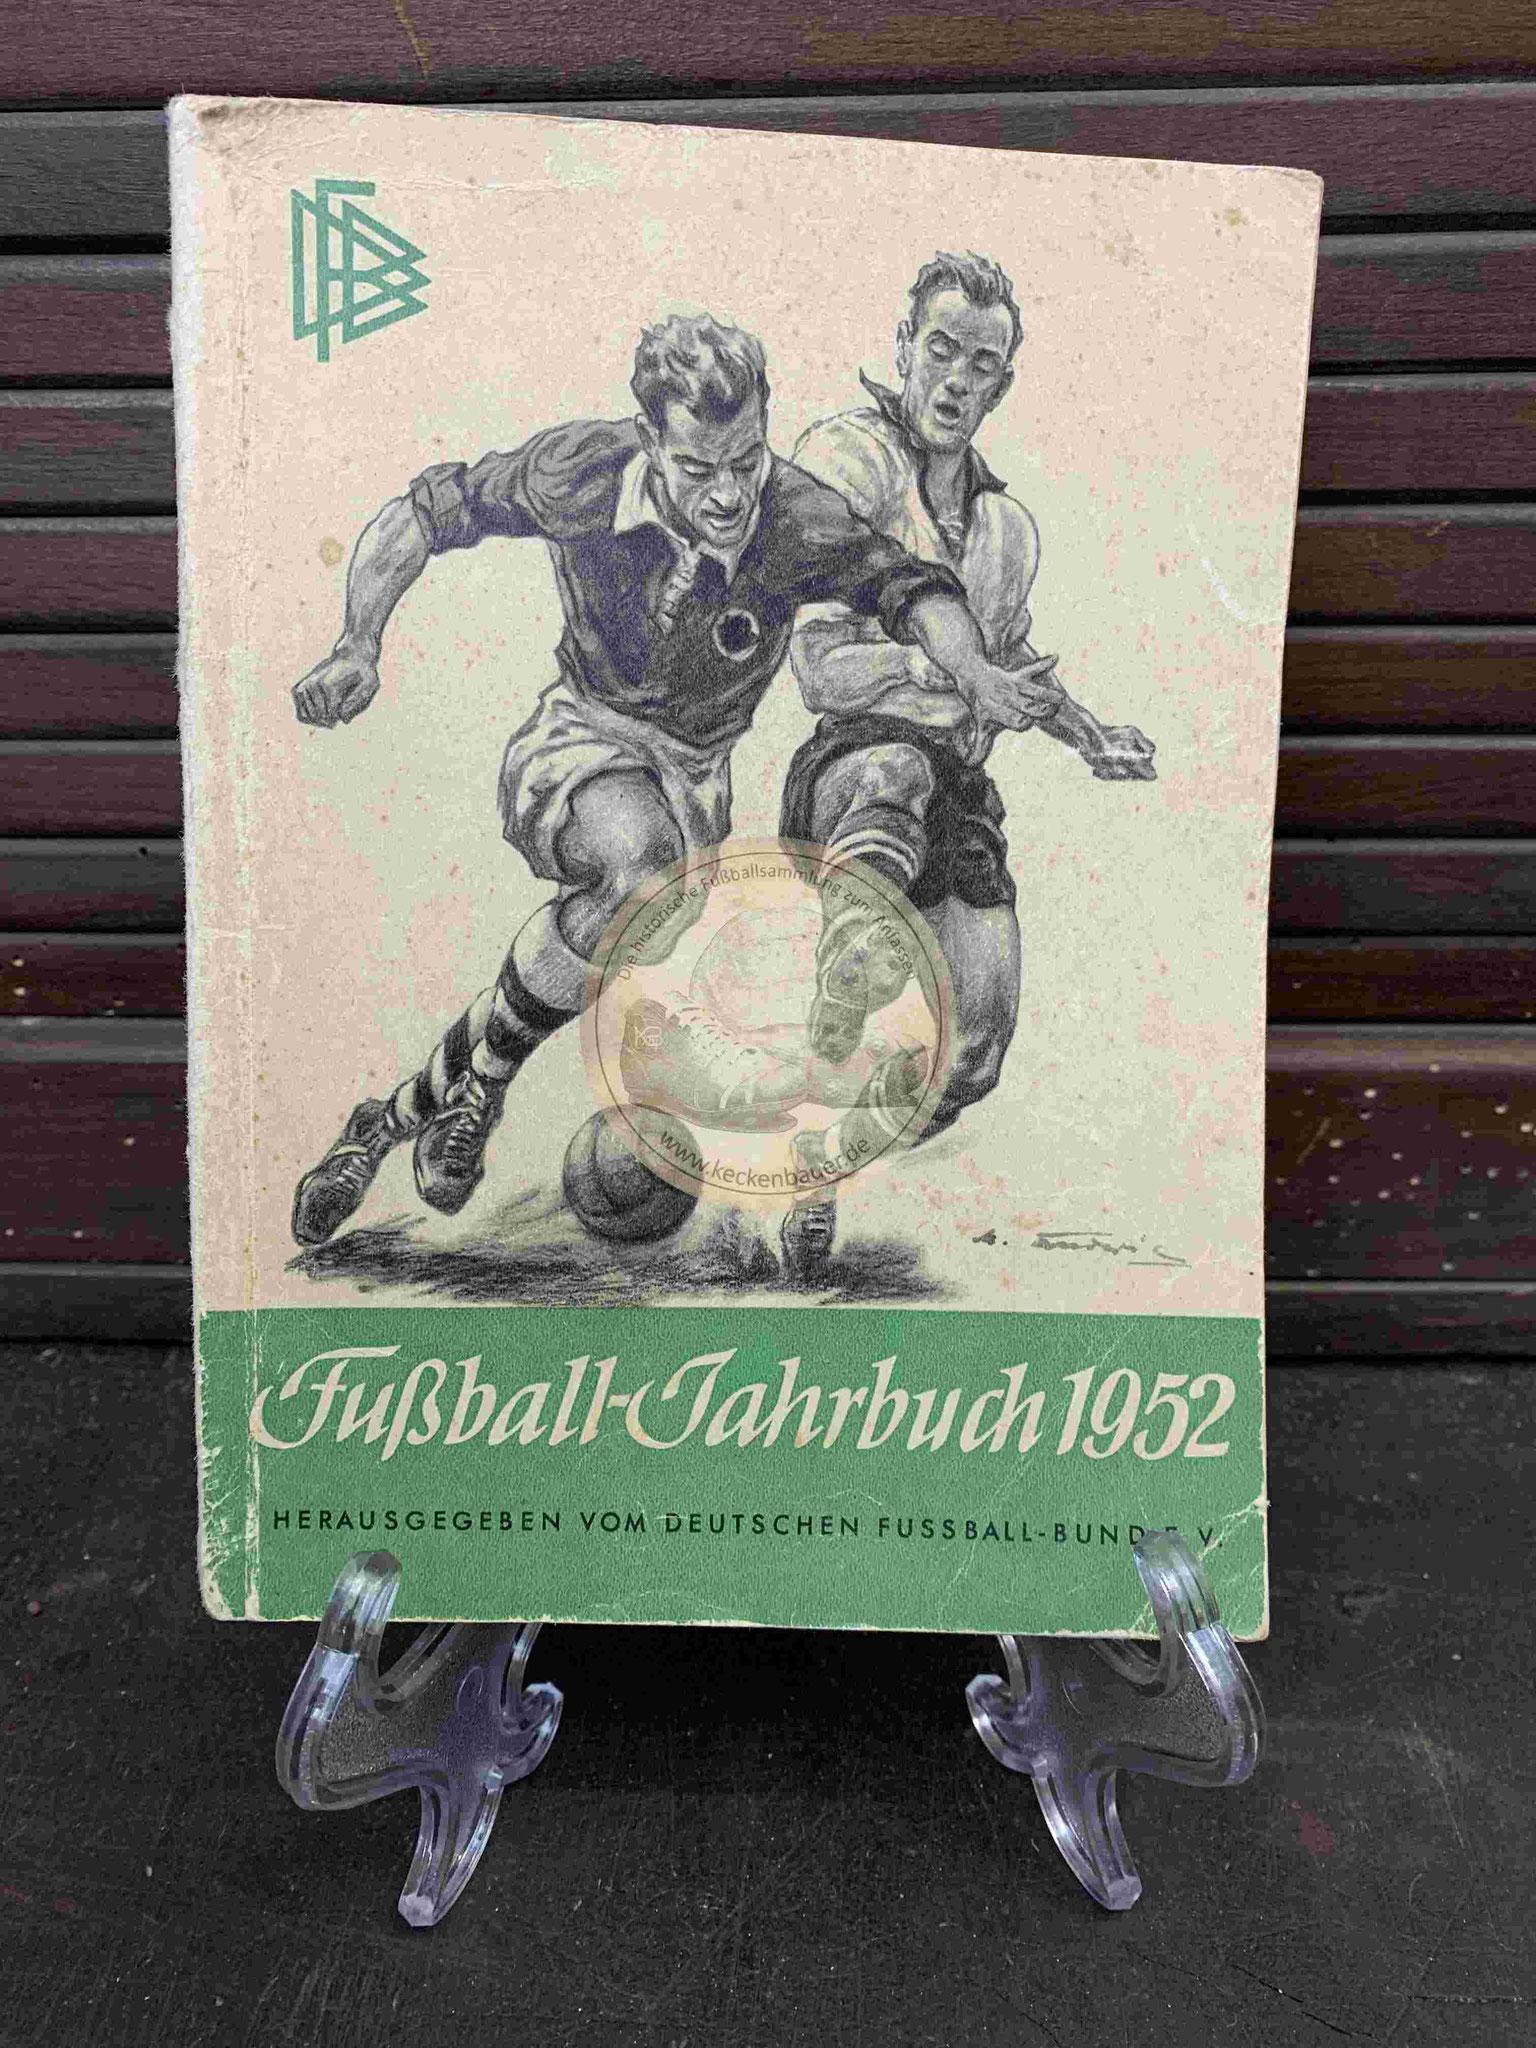 Fußball Jahrbuch vom DFB aus dem Jahr 1952